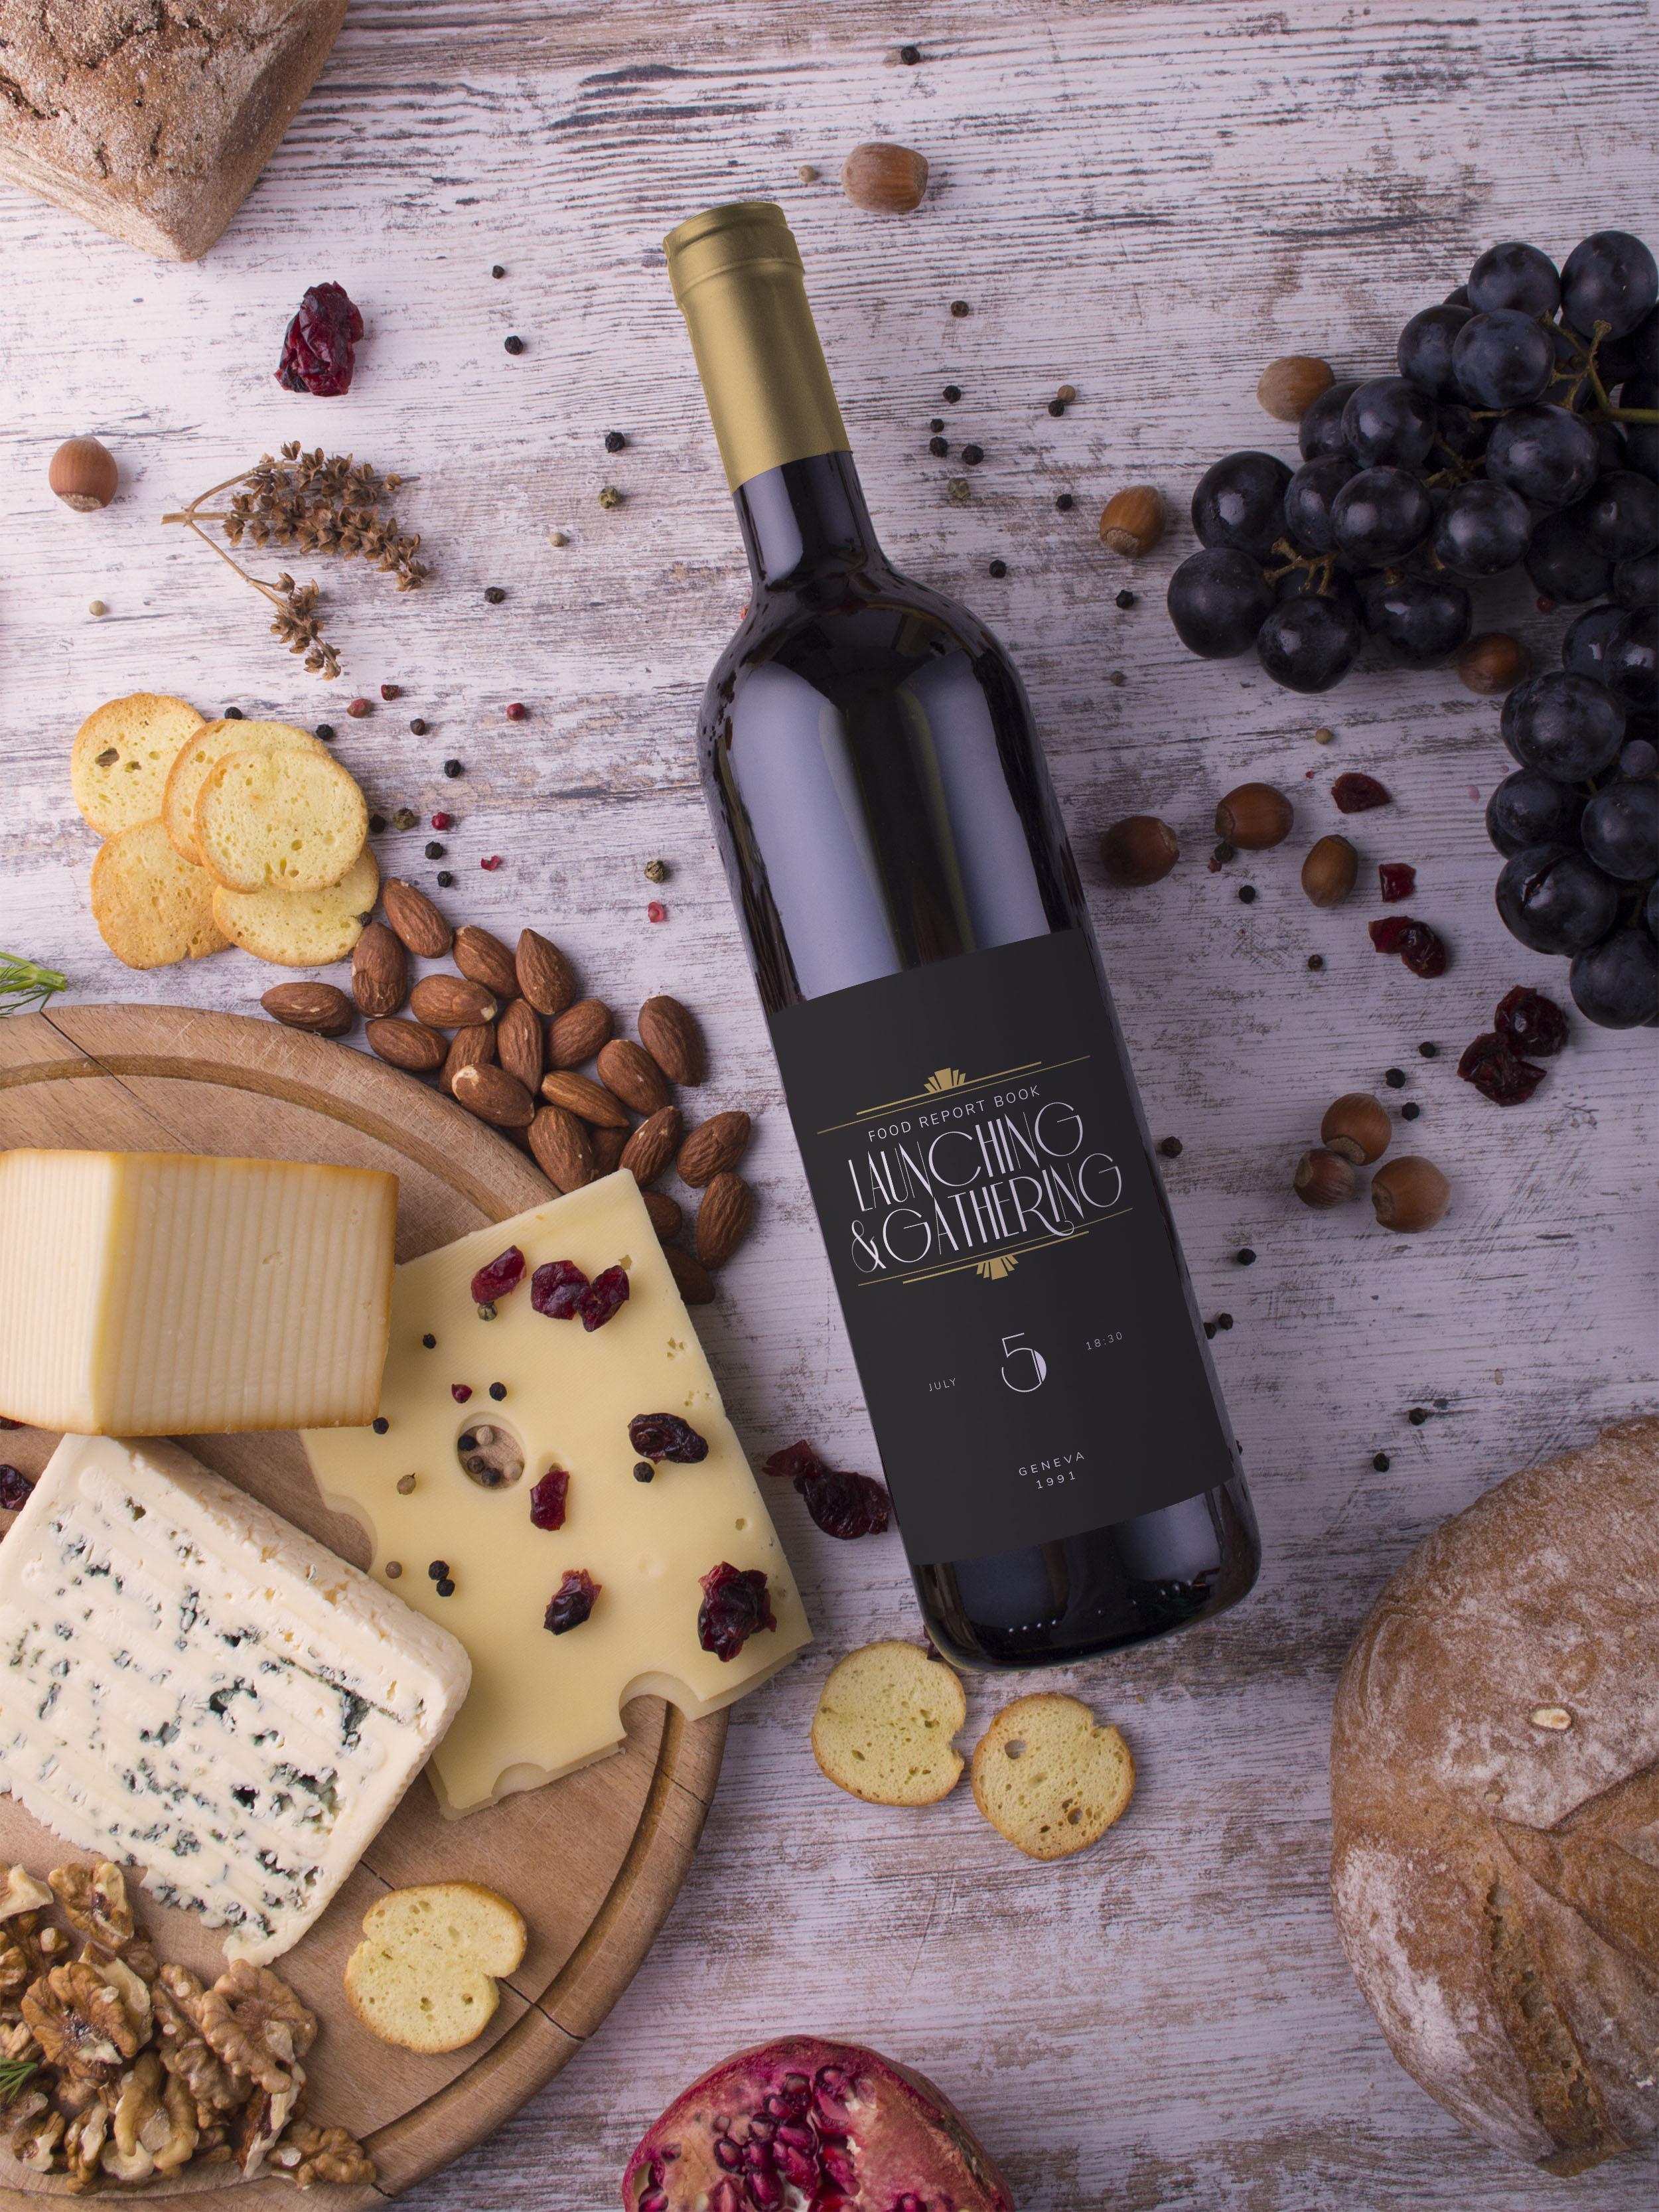 Red-Wine-Packaging-Photo-Final.jpg